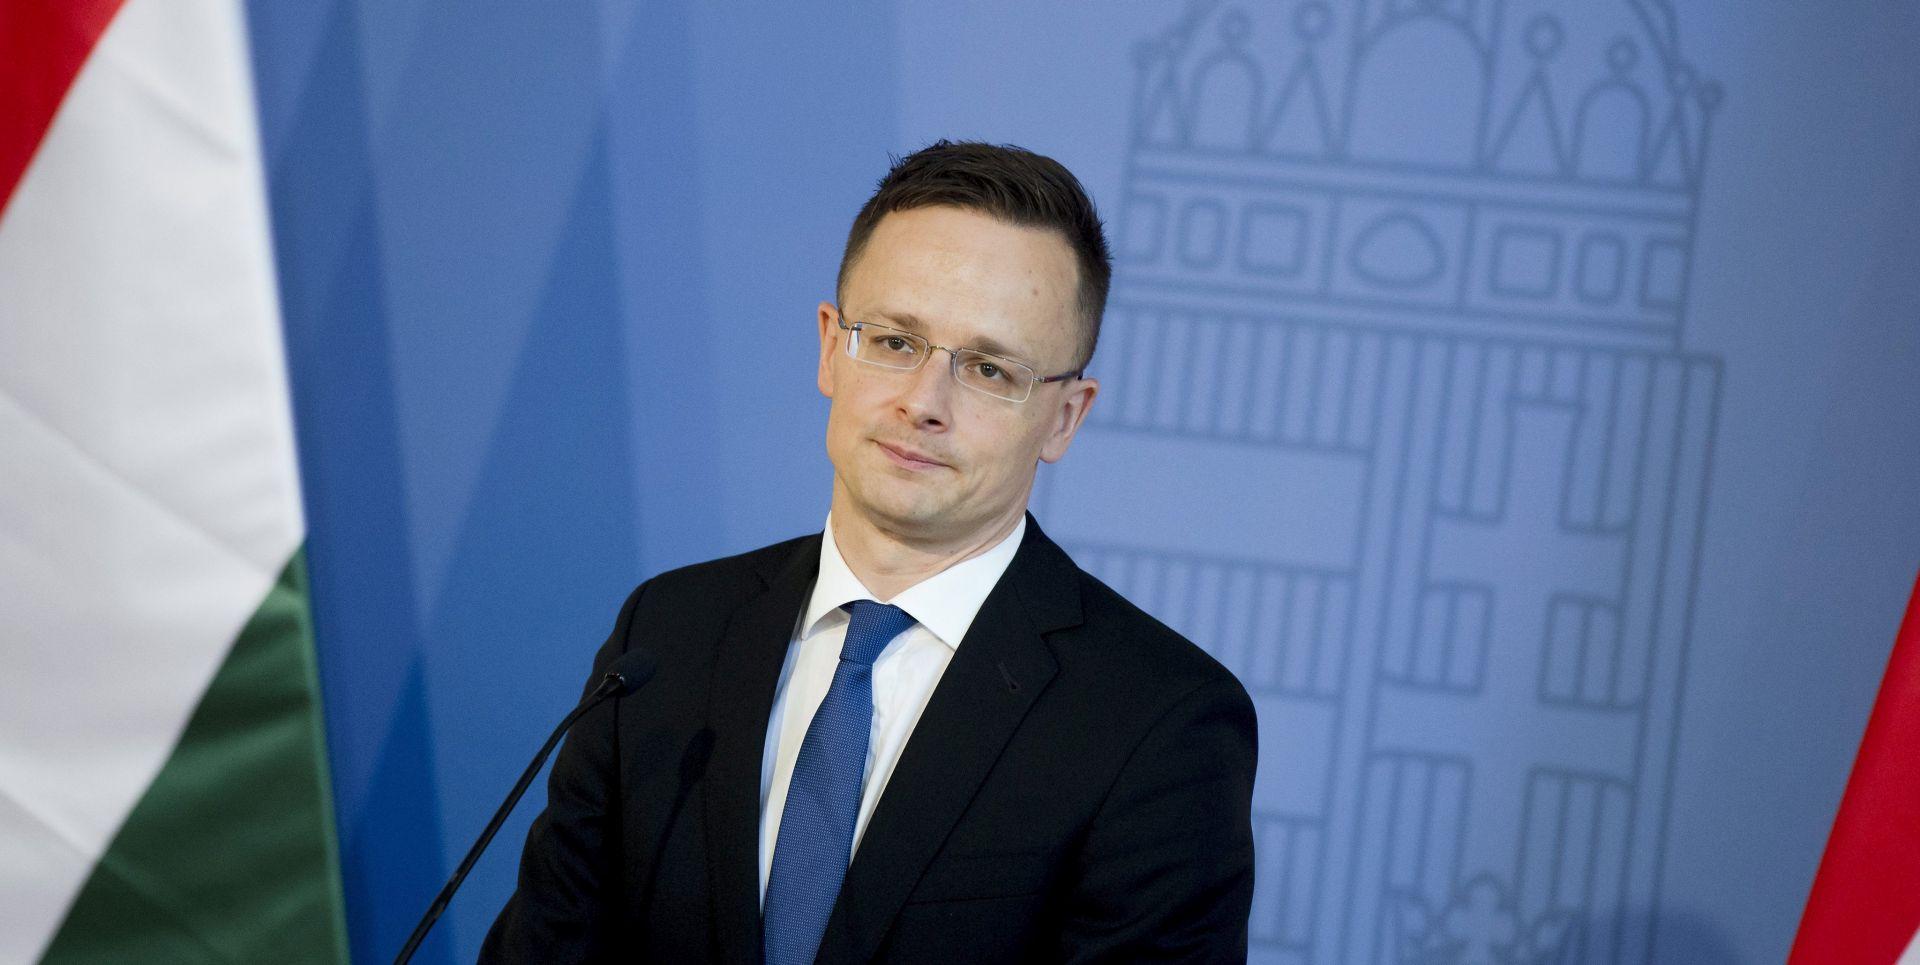 Mađarska i Austrija u sporu zbog graničnih kontrola